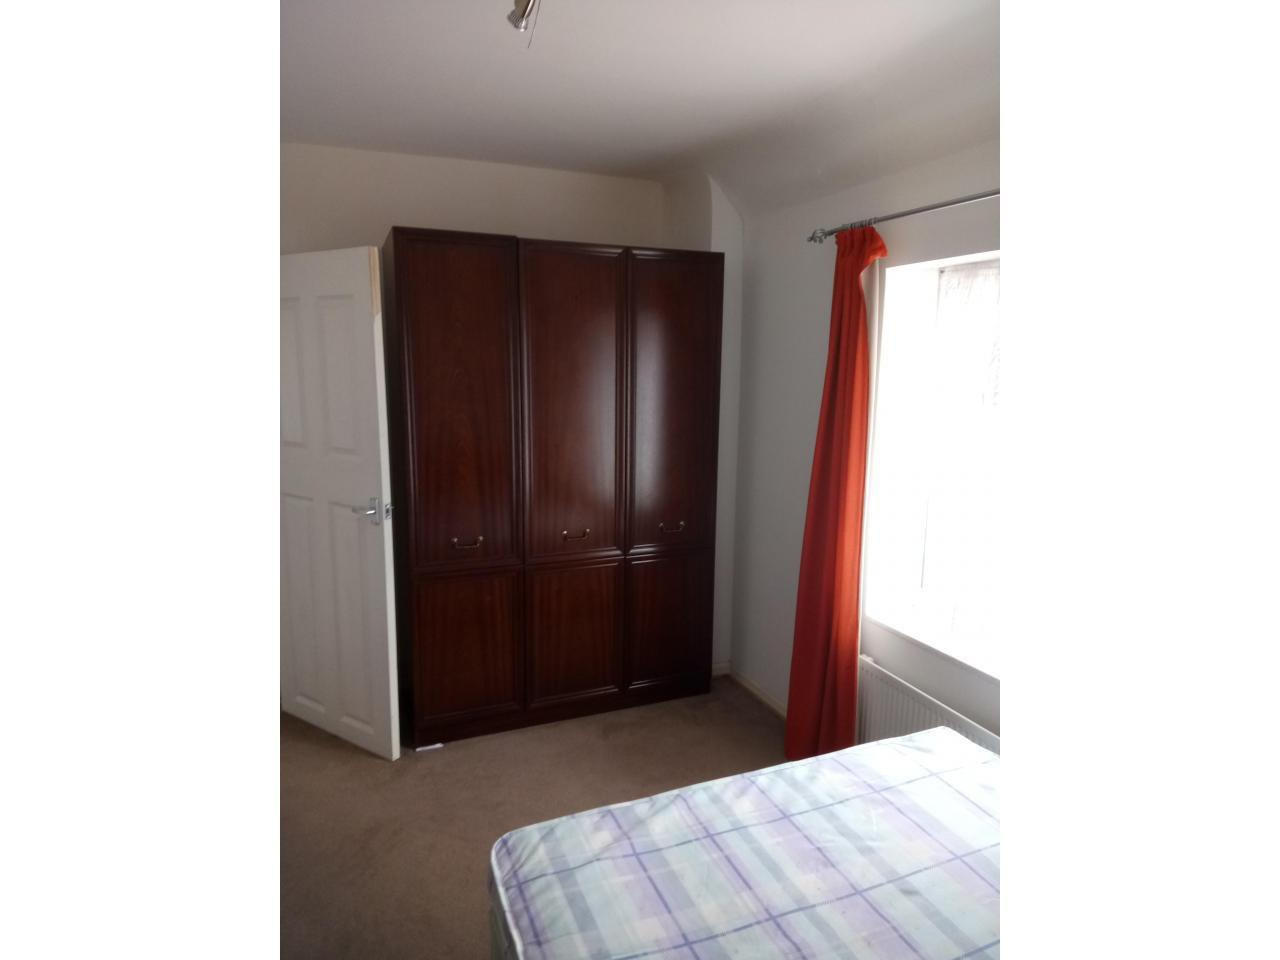 Сдается большая комната за 100 фунтов в неделю. Билы и скоростной интернет включен в стоимость. Спок - 5